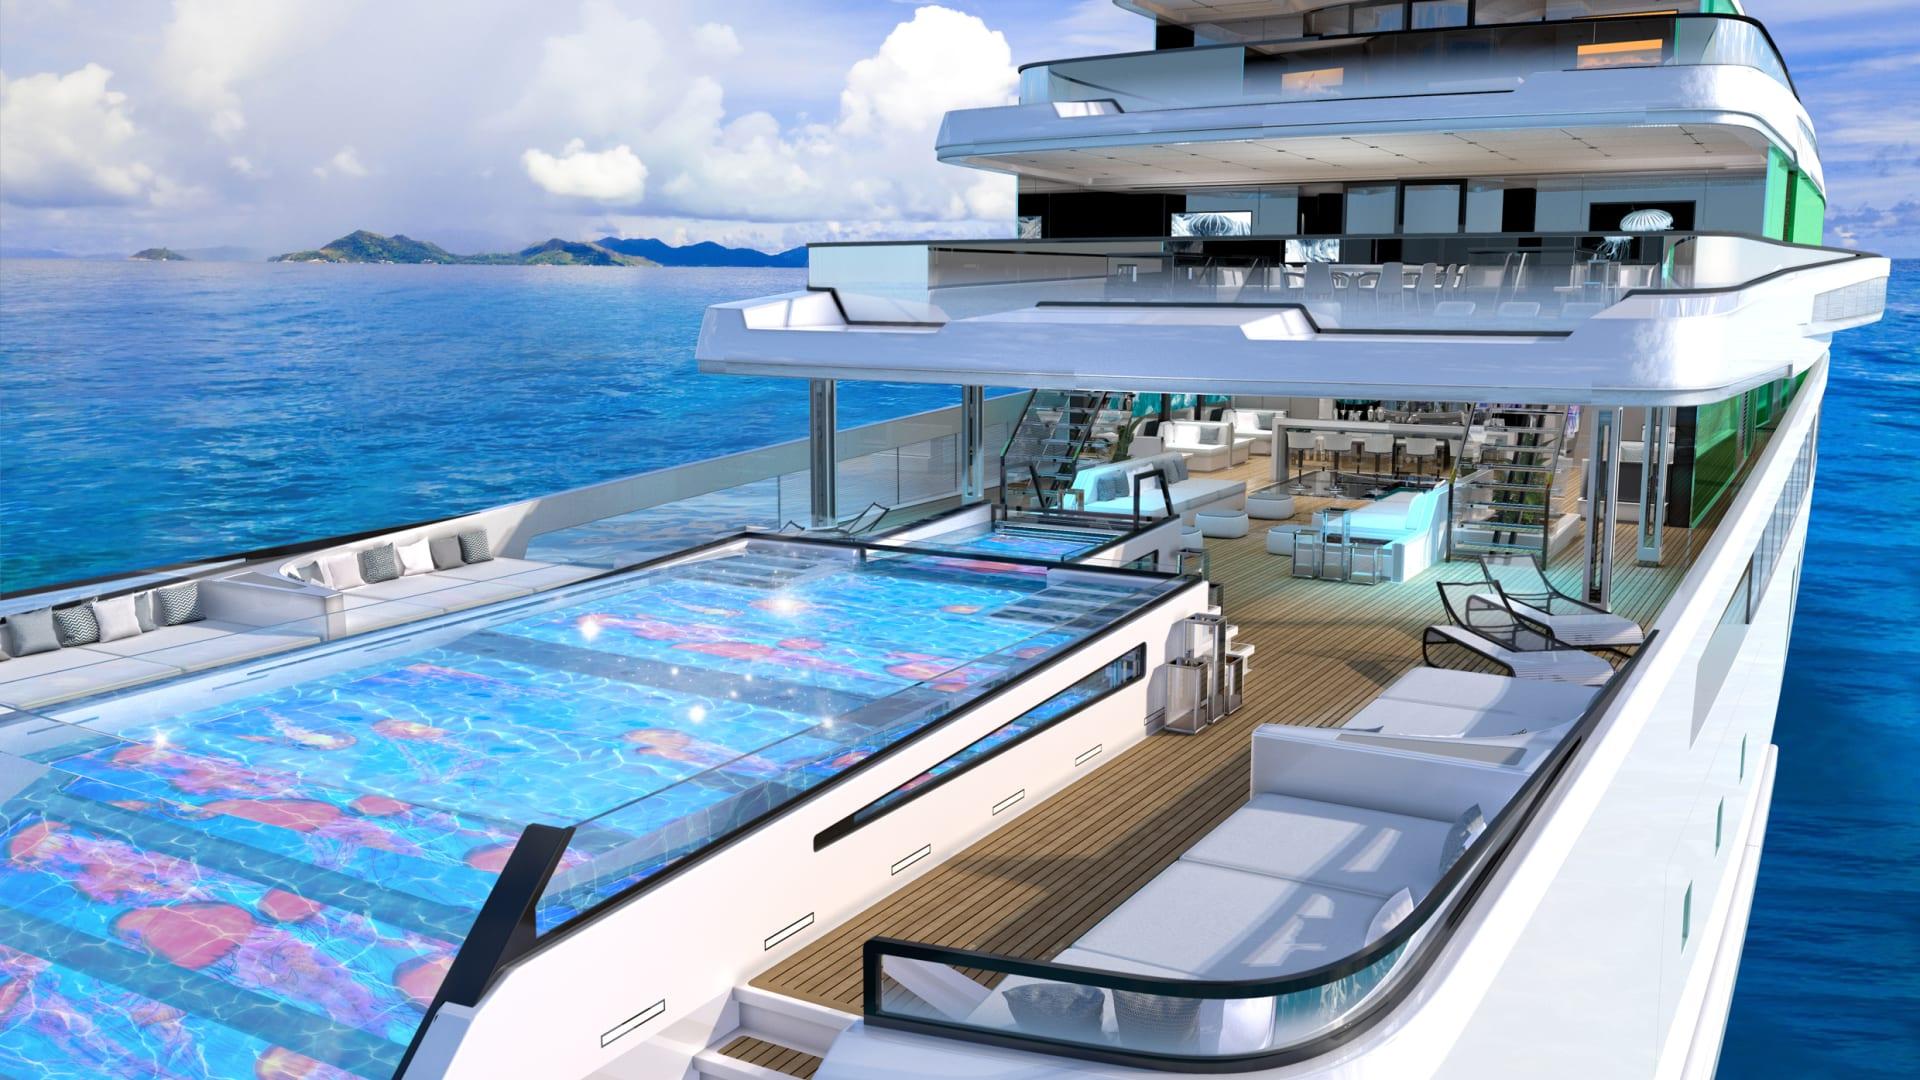 تصميمه مبتكر.. يتضمن مفهوم هذا اليخت الفاخر حوض سباحة لا متناهي وسينما في الهواء الطلق